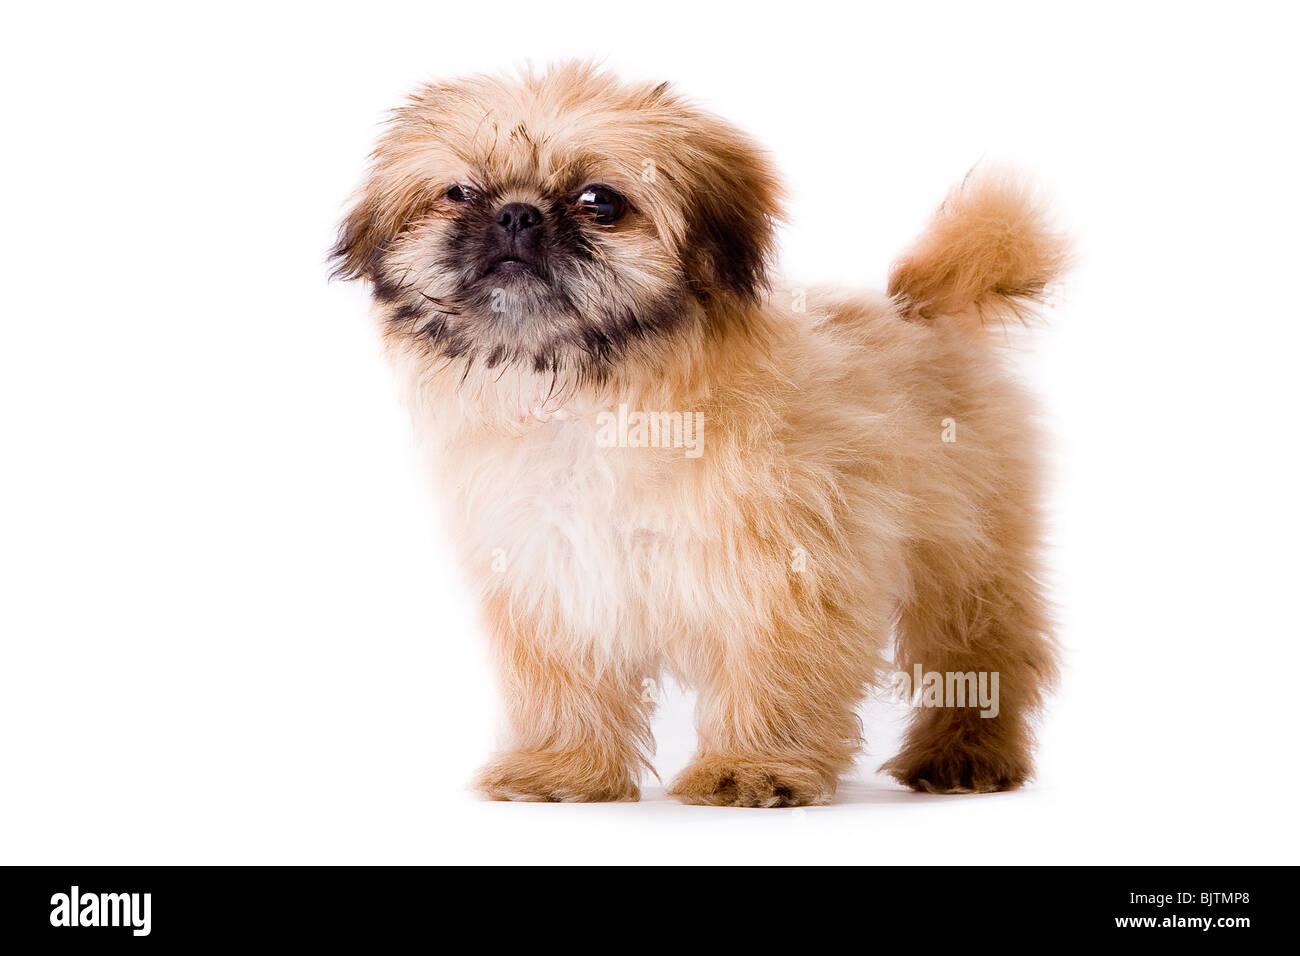 Cute little pekingese dog isolated on white Stock Photo